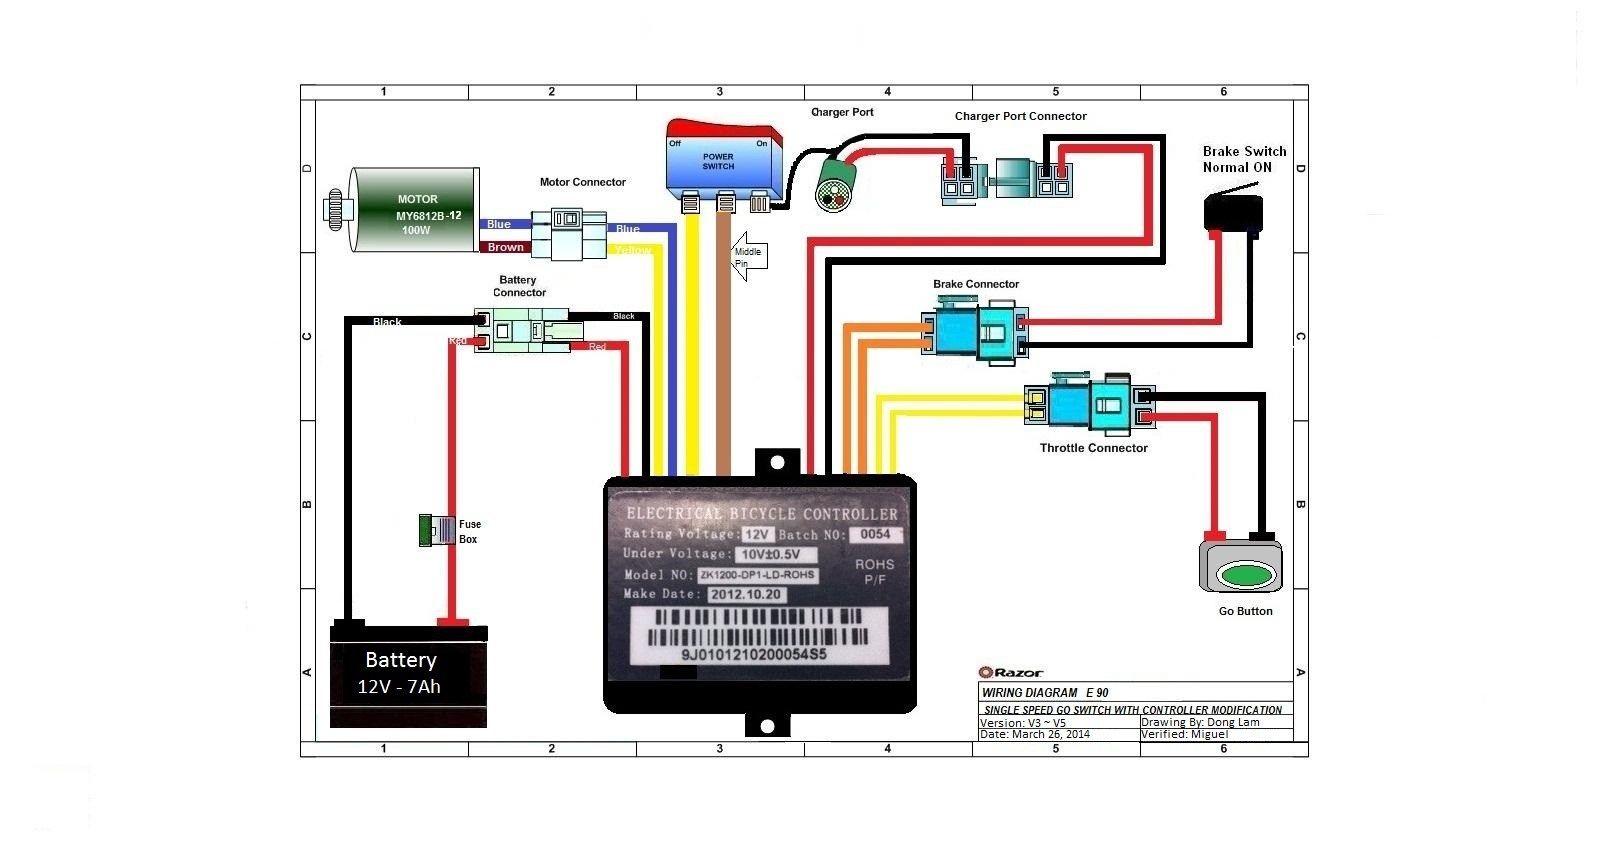 12 Good Sample Of Pride Legend Scooter Wiring Diagram Design | Electrical  wiring diagram, Diagram, Diagram designPinterest